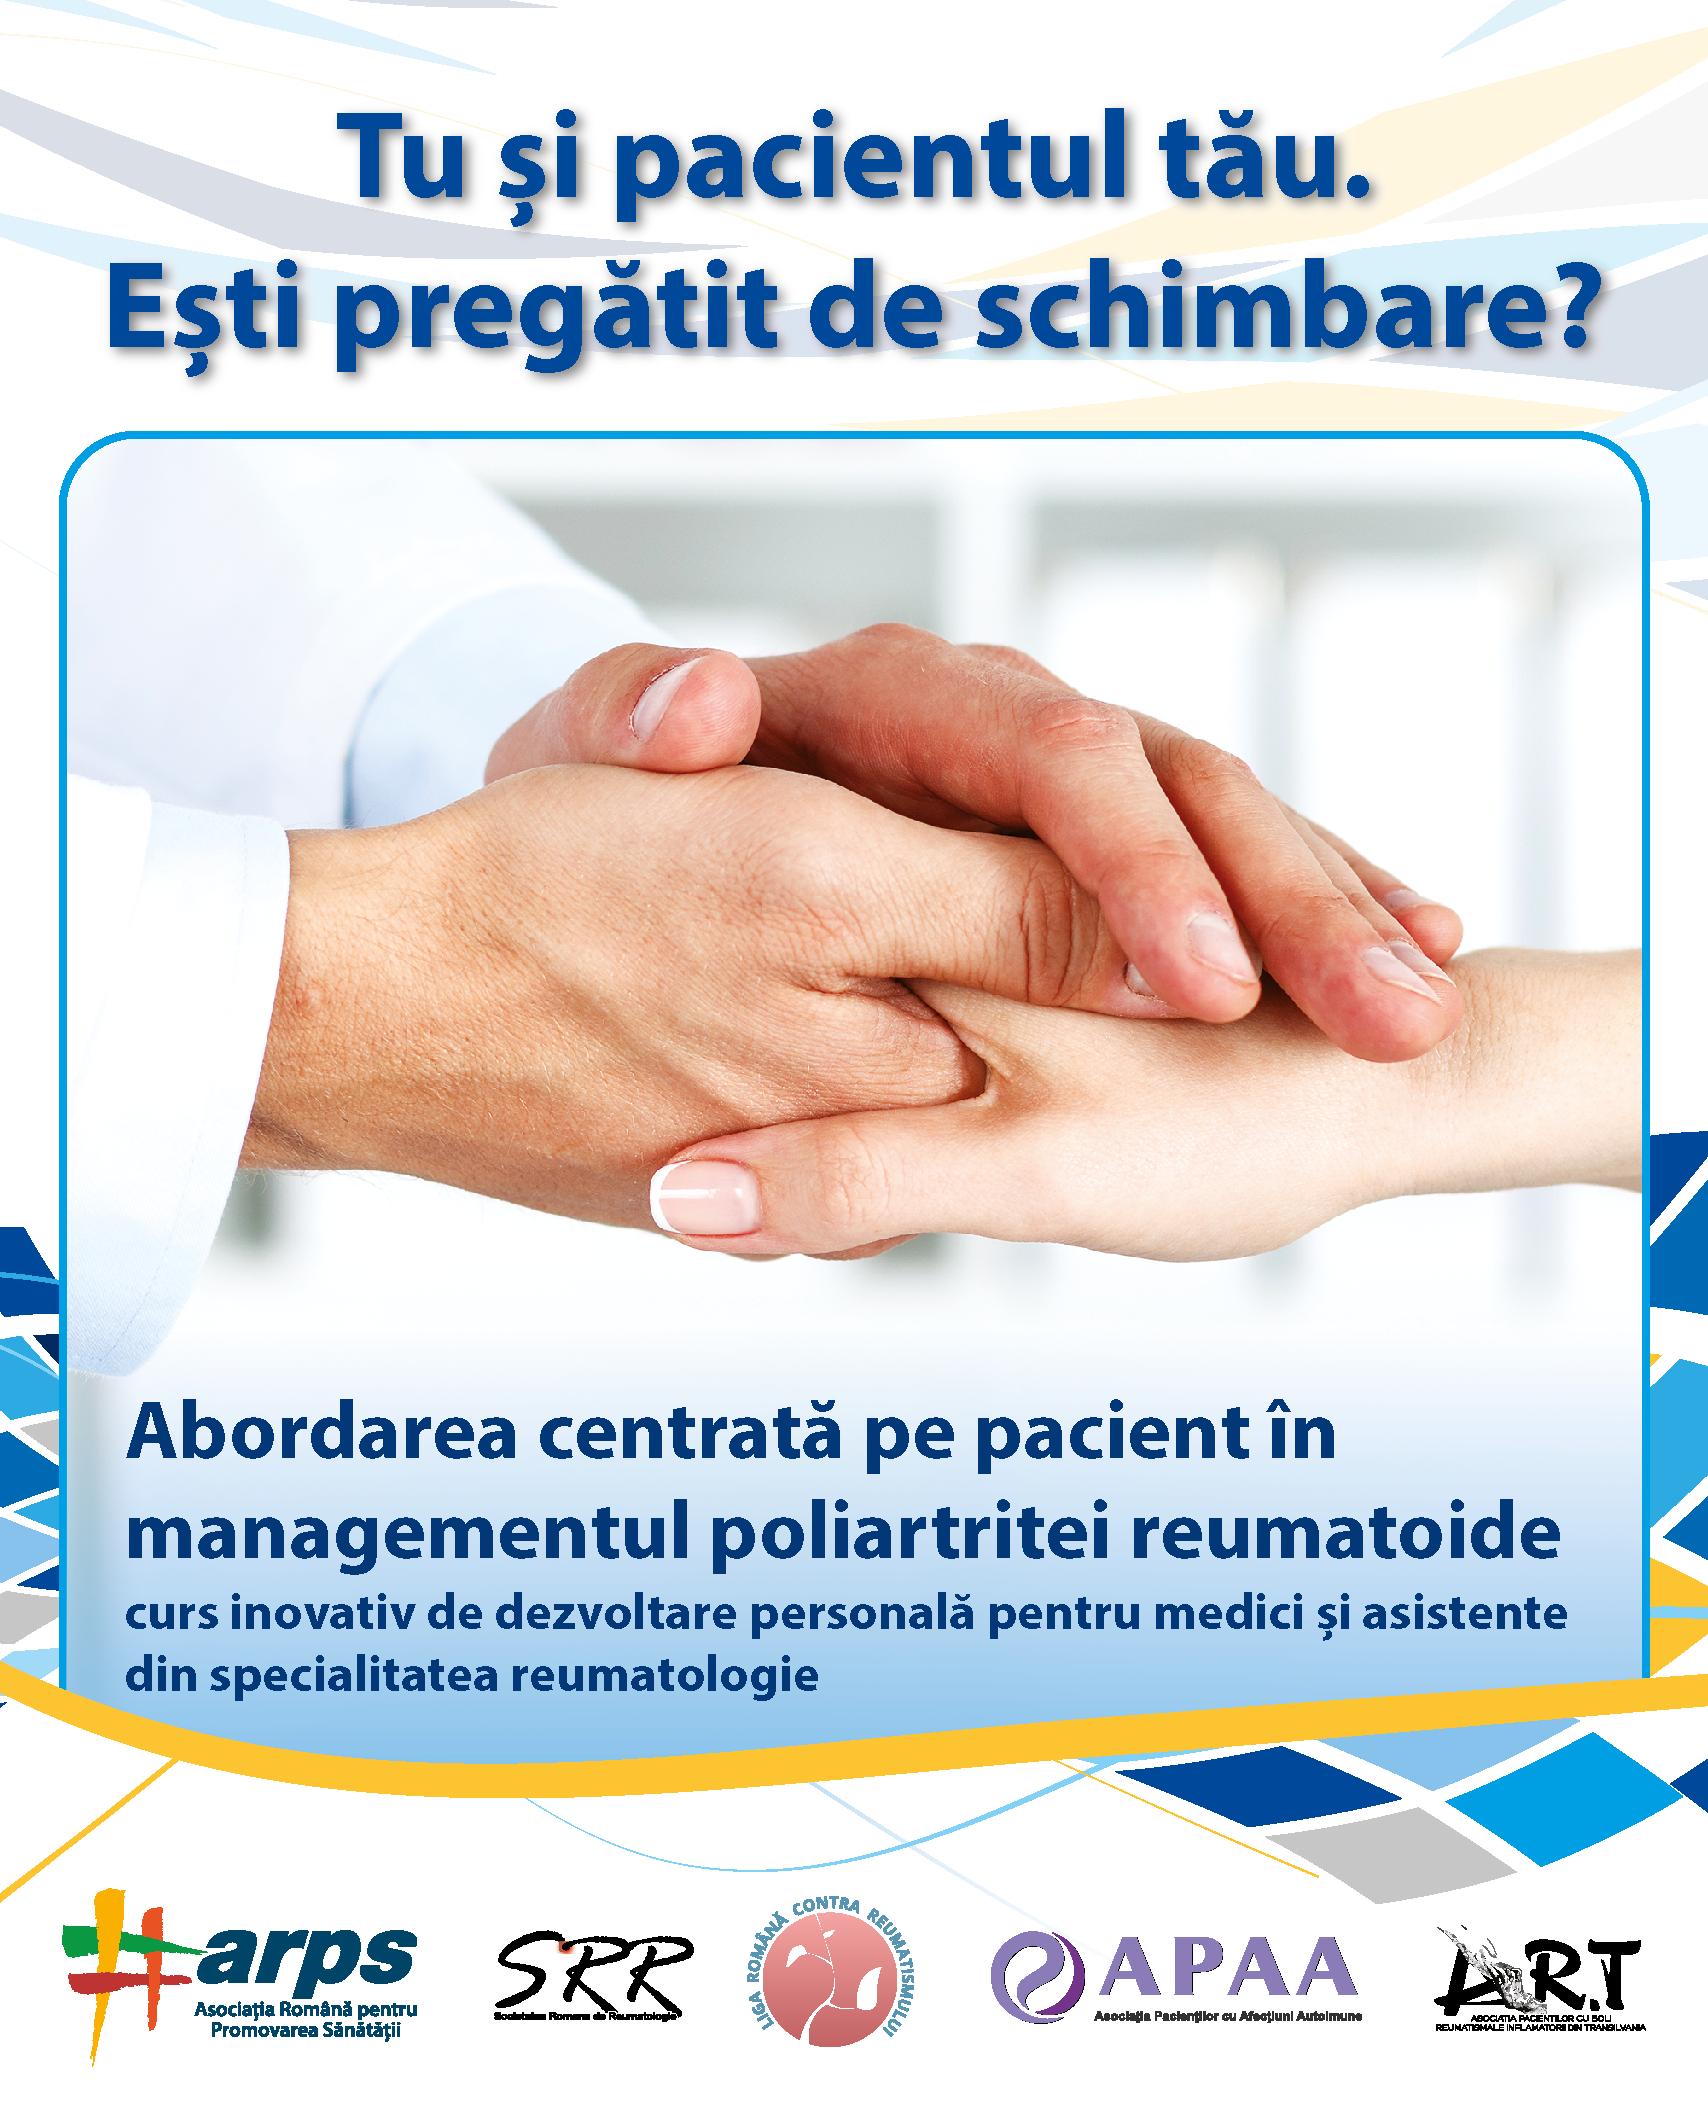 inflamația articulațiilor reumatismale uleiuri pentru aroma durerii articulare